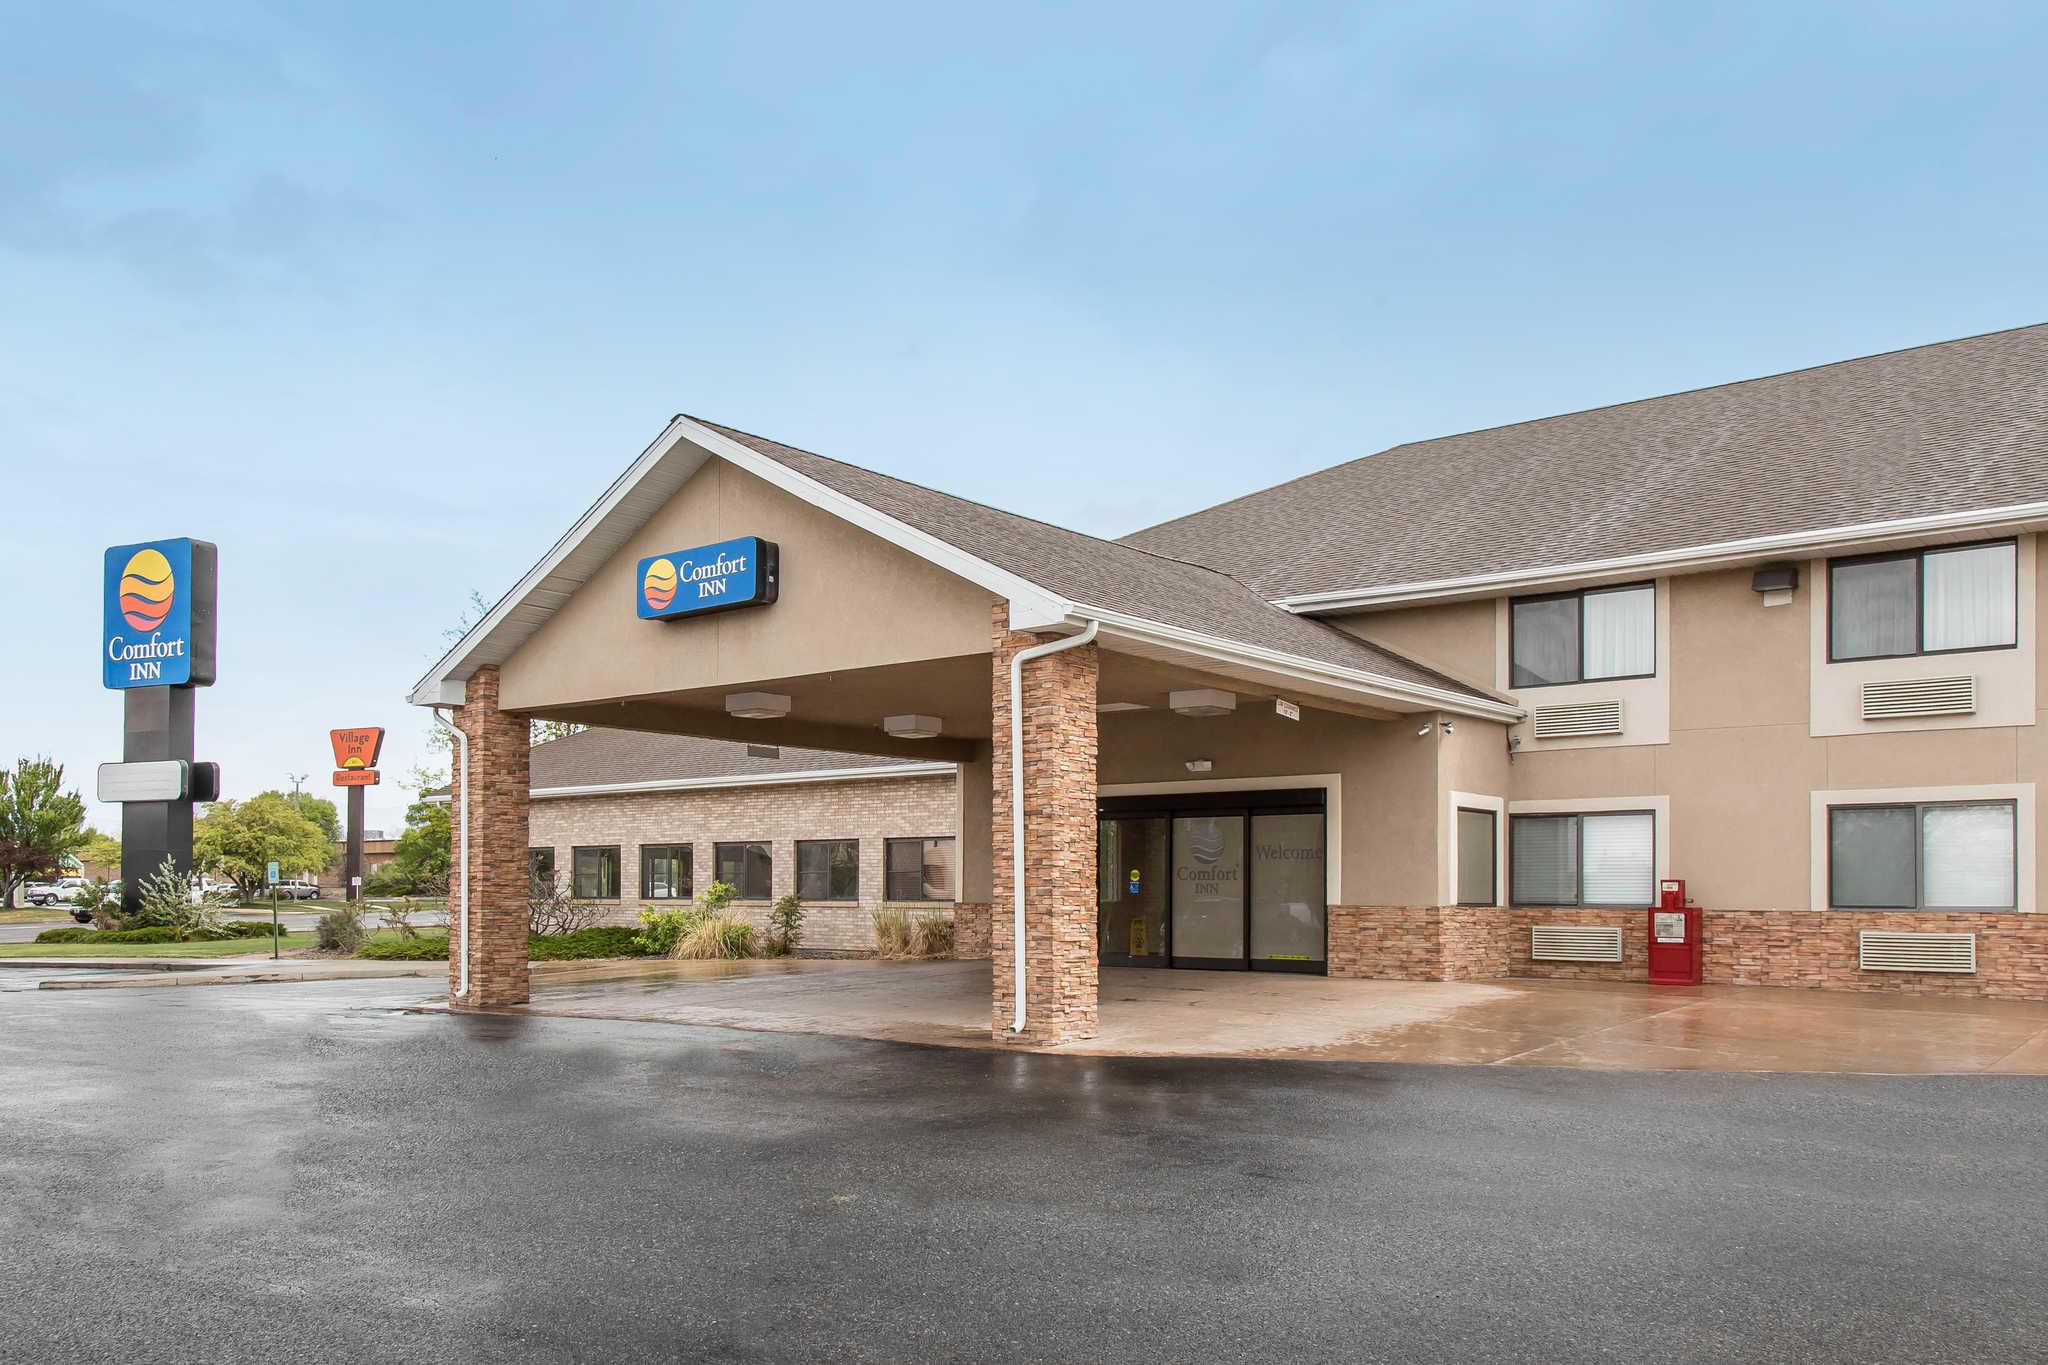 Comfort Inn In Grand Junction Co 81506